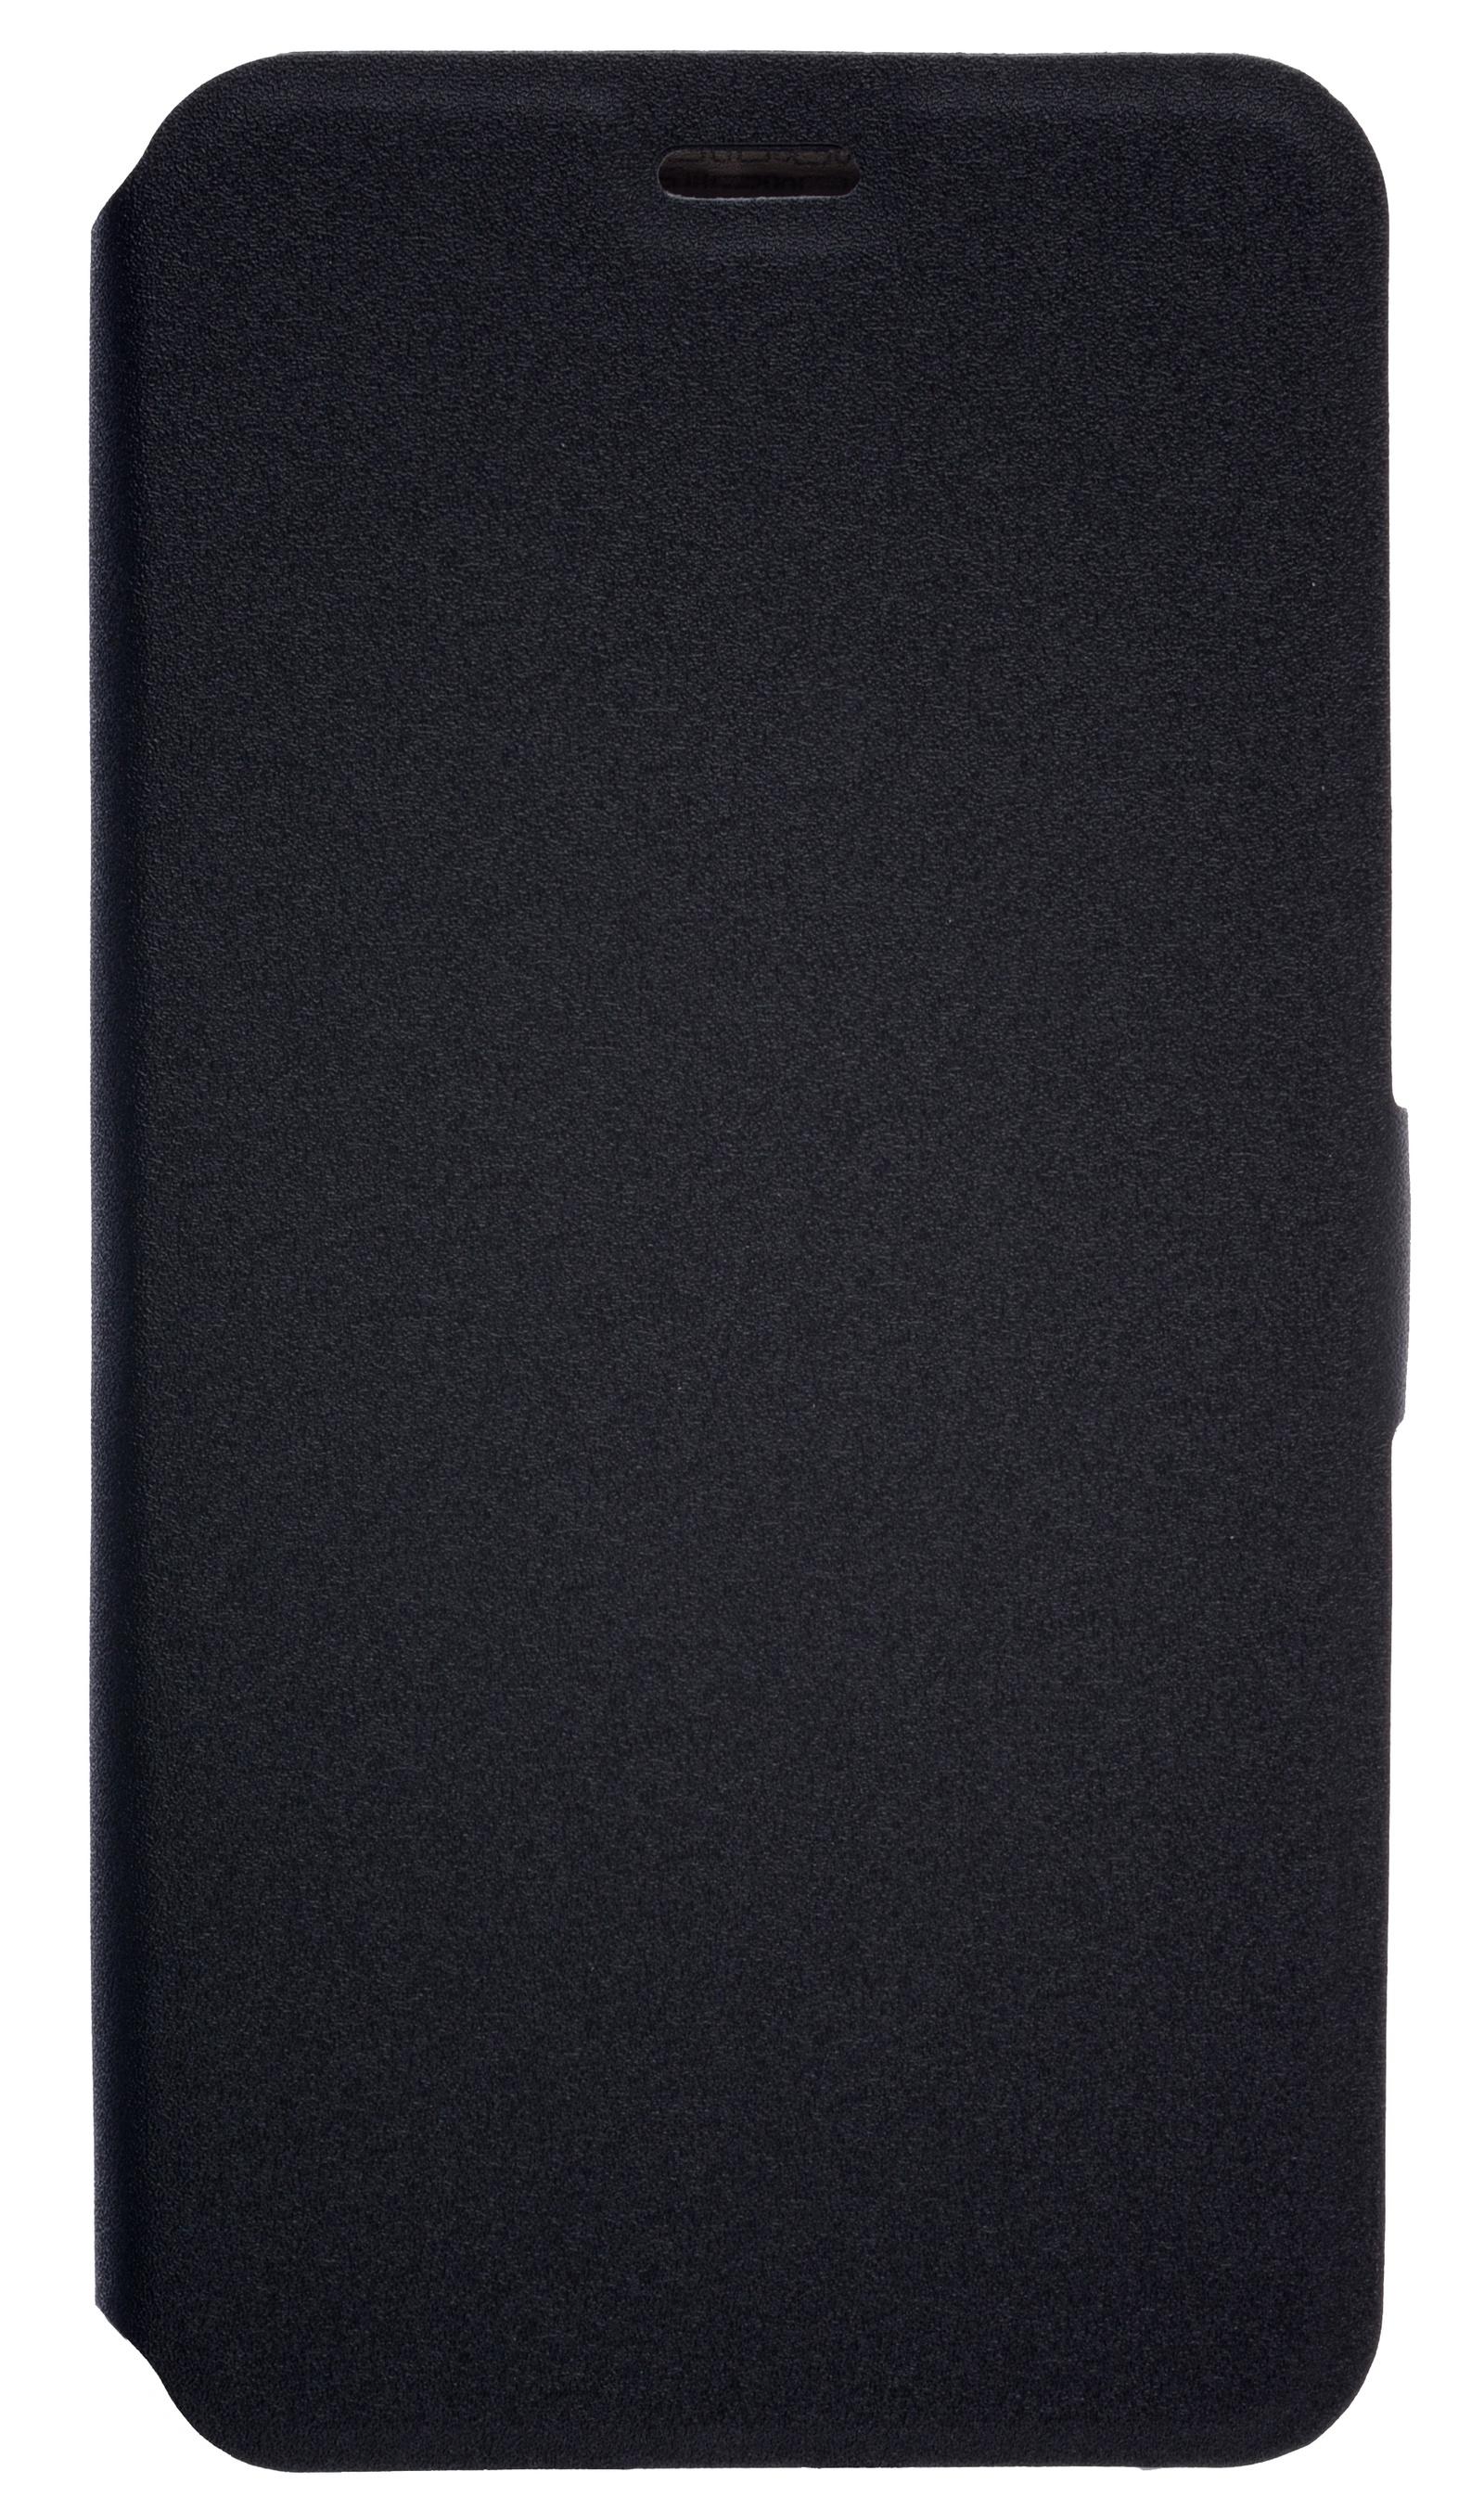 Чехол для сотового телефона PRIME Book, 4630042529533, черный prime book чехол книжка для meizu m5c red